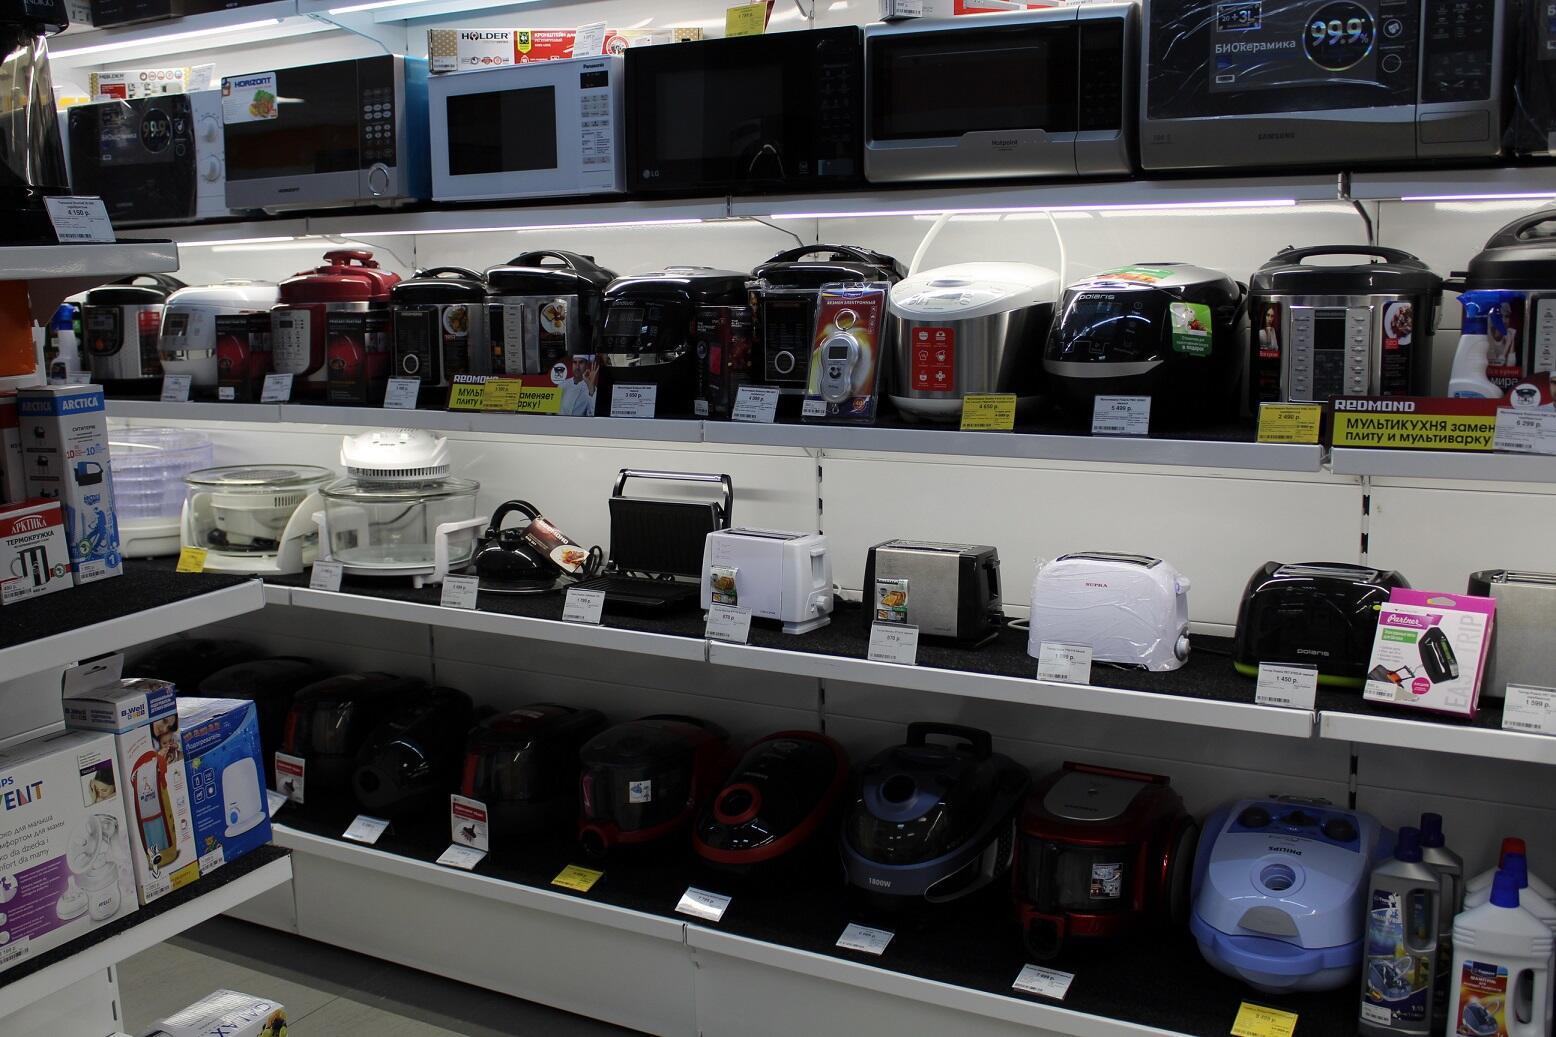 Сайт магазина эролайф фото 428-922